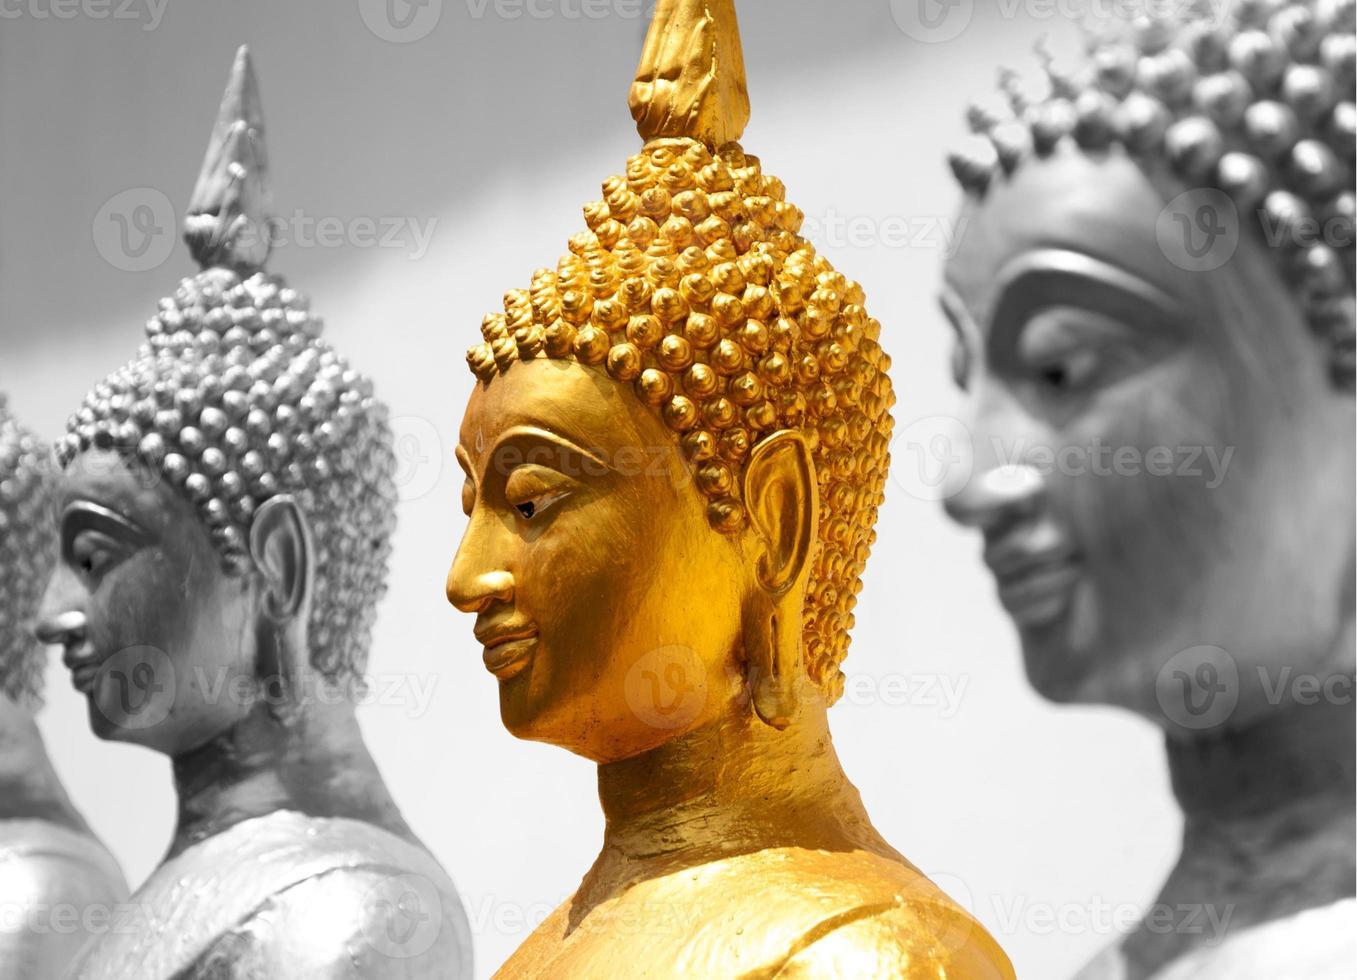 guld buddha ansikte foto